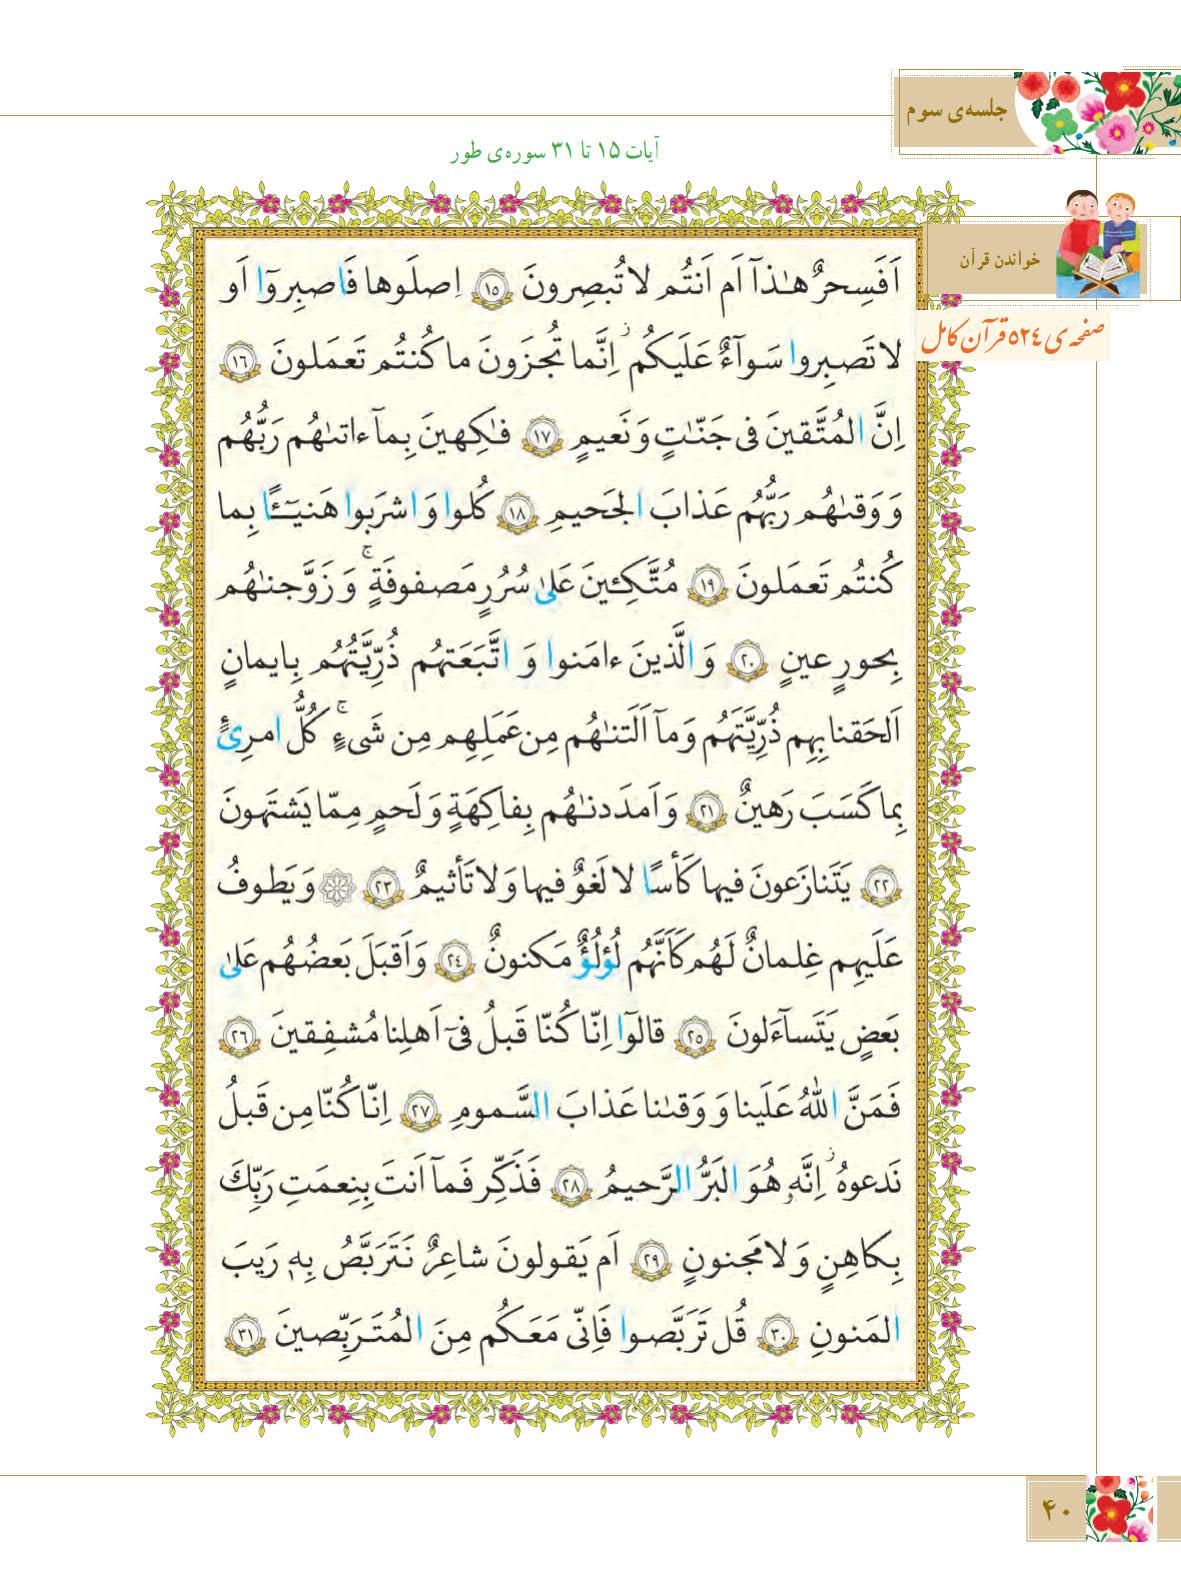 درس ششم آموزش قرآن پایه ششم - کلاس اینترنتی ما -صفحه 40 - مومکا - momeka.ir (4)